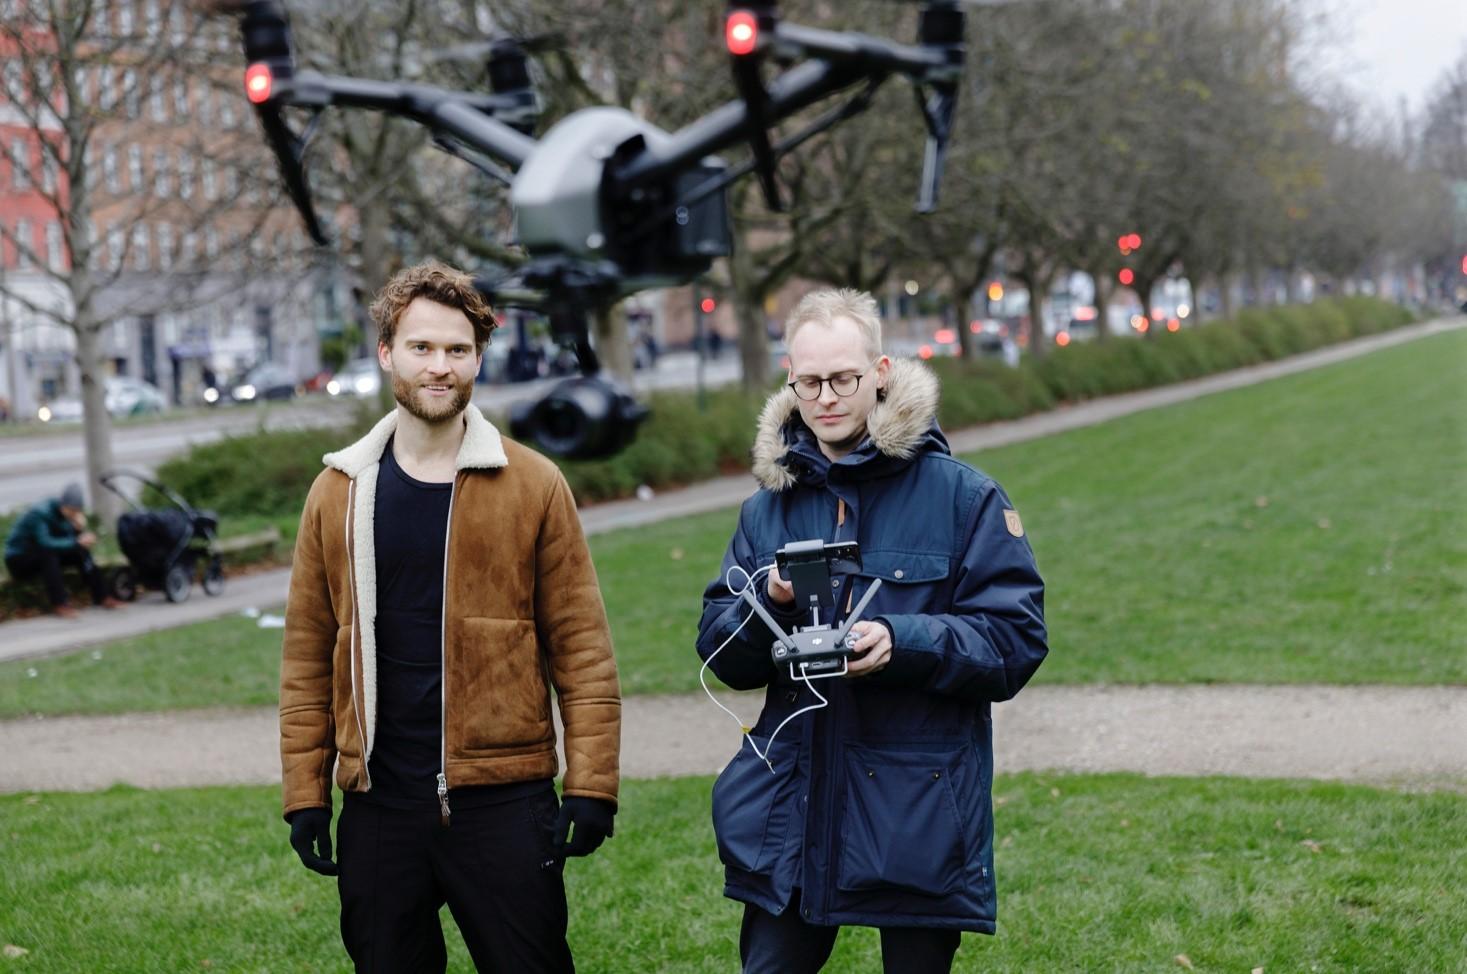 Toke og Frederik solgte droner til terrormistænkt for at hjælpe PET)